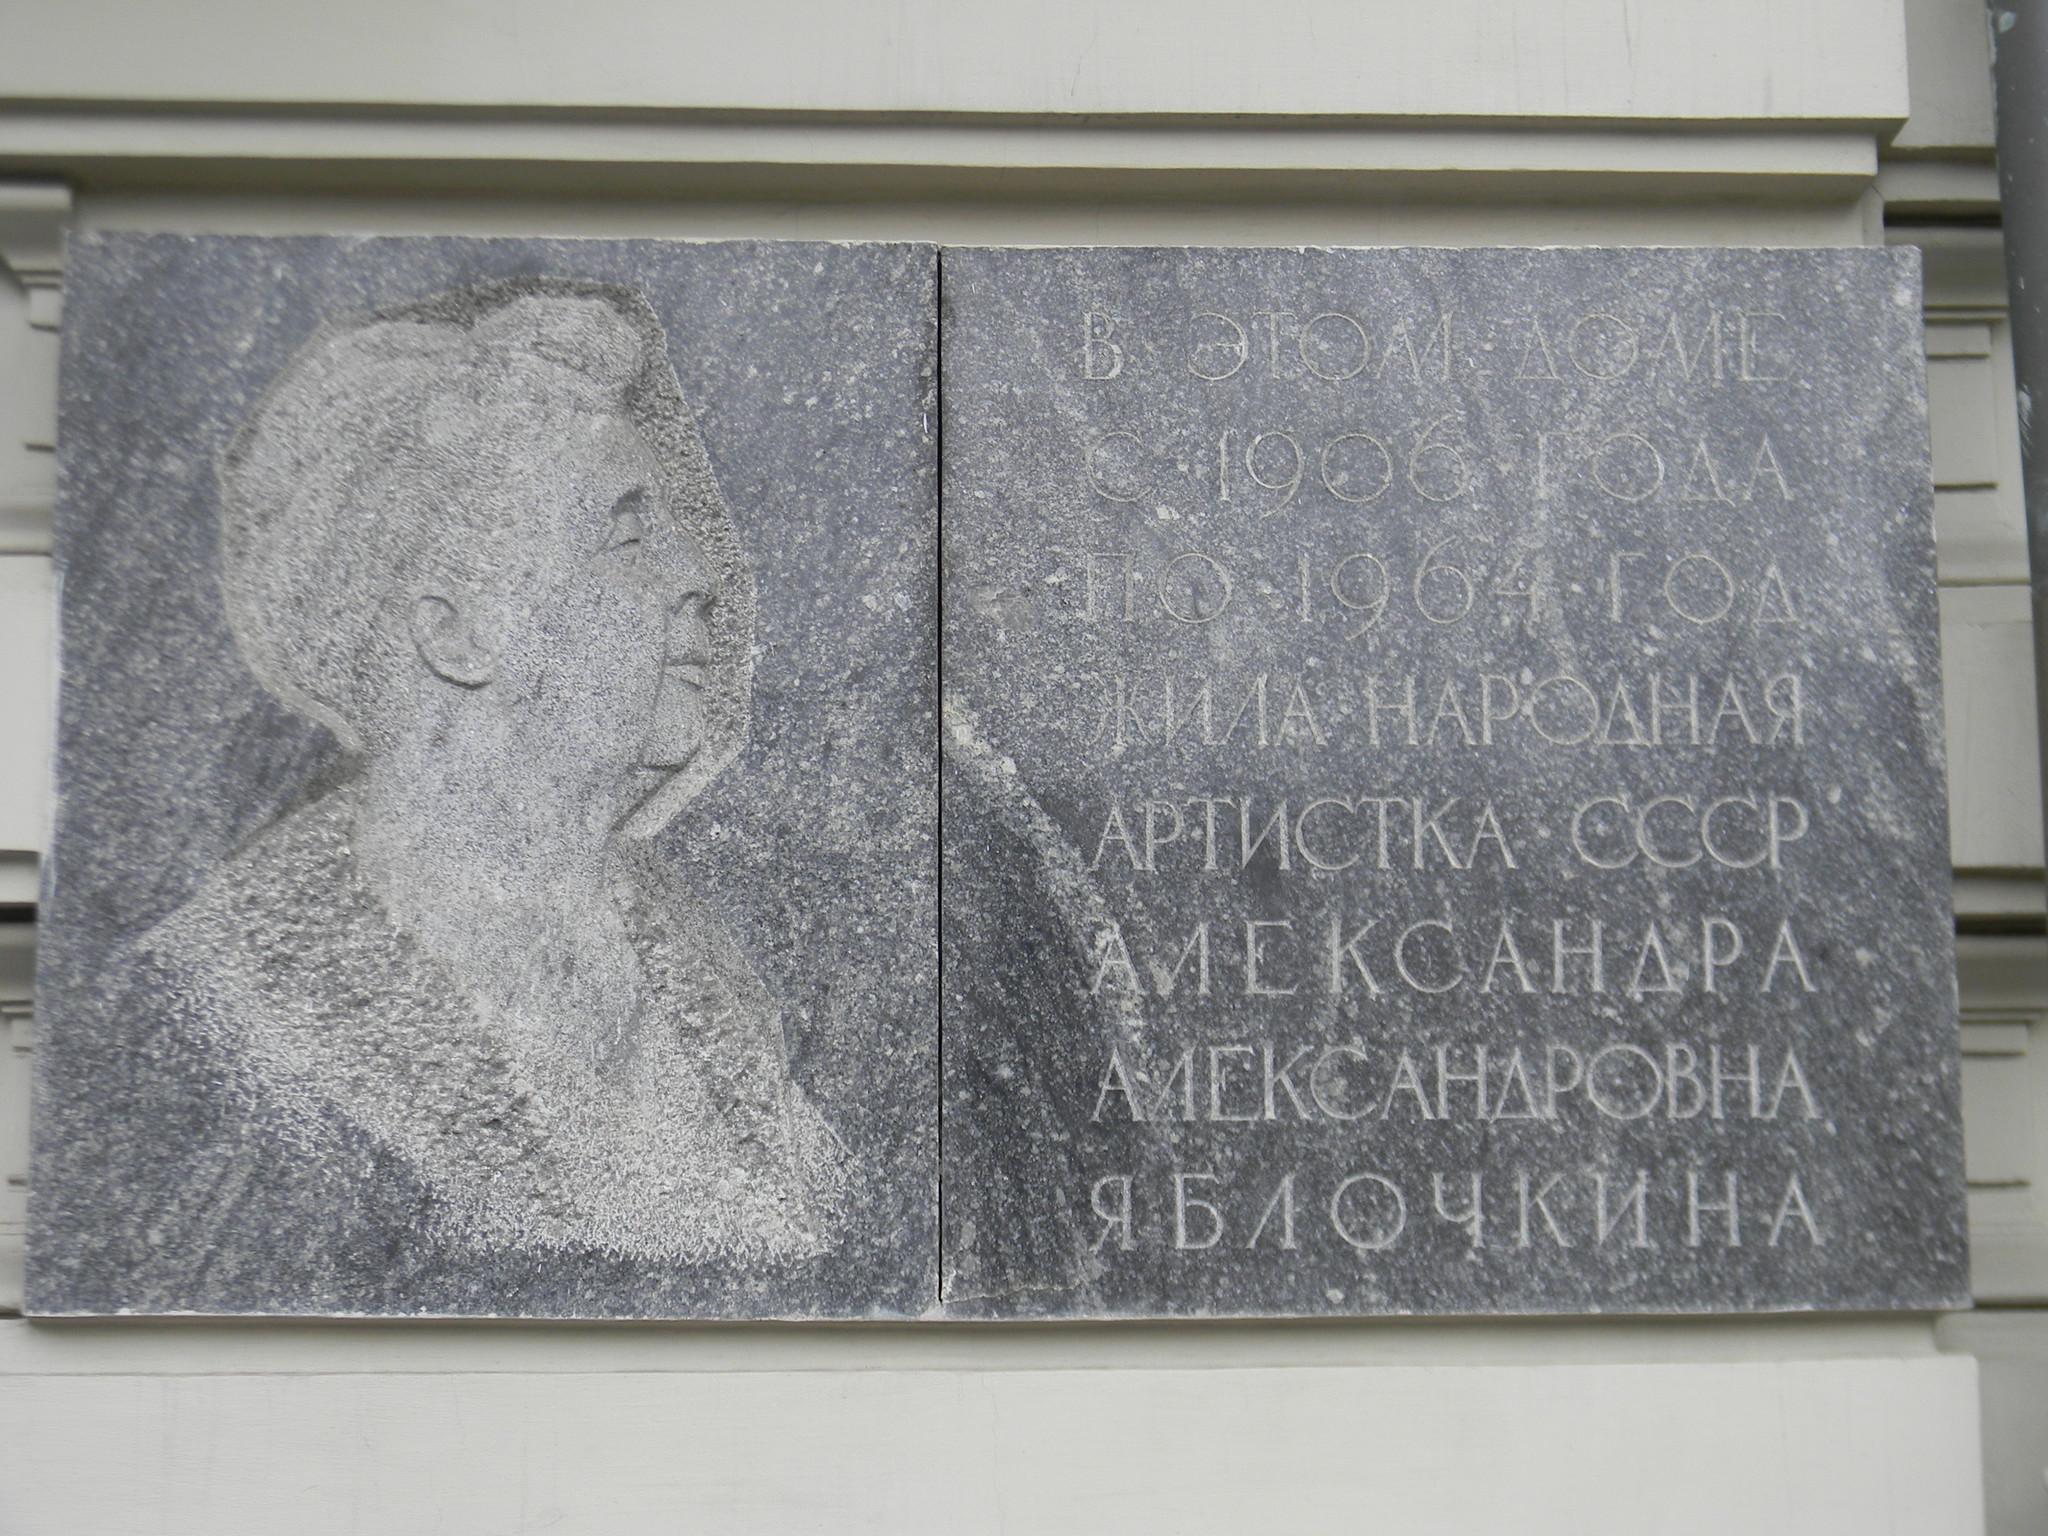 Мемориальная доска на доме, где в 1906-1964 годах жила А.А. Яблочкина (улица Большая Дмитровка, дом 4/2)